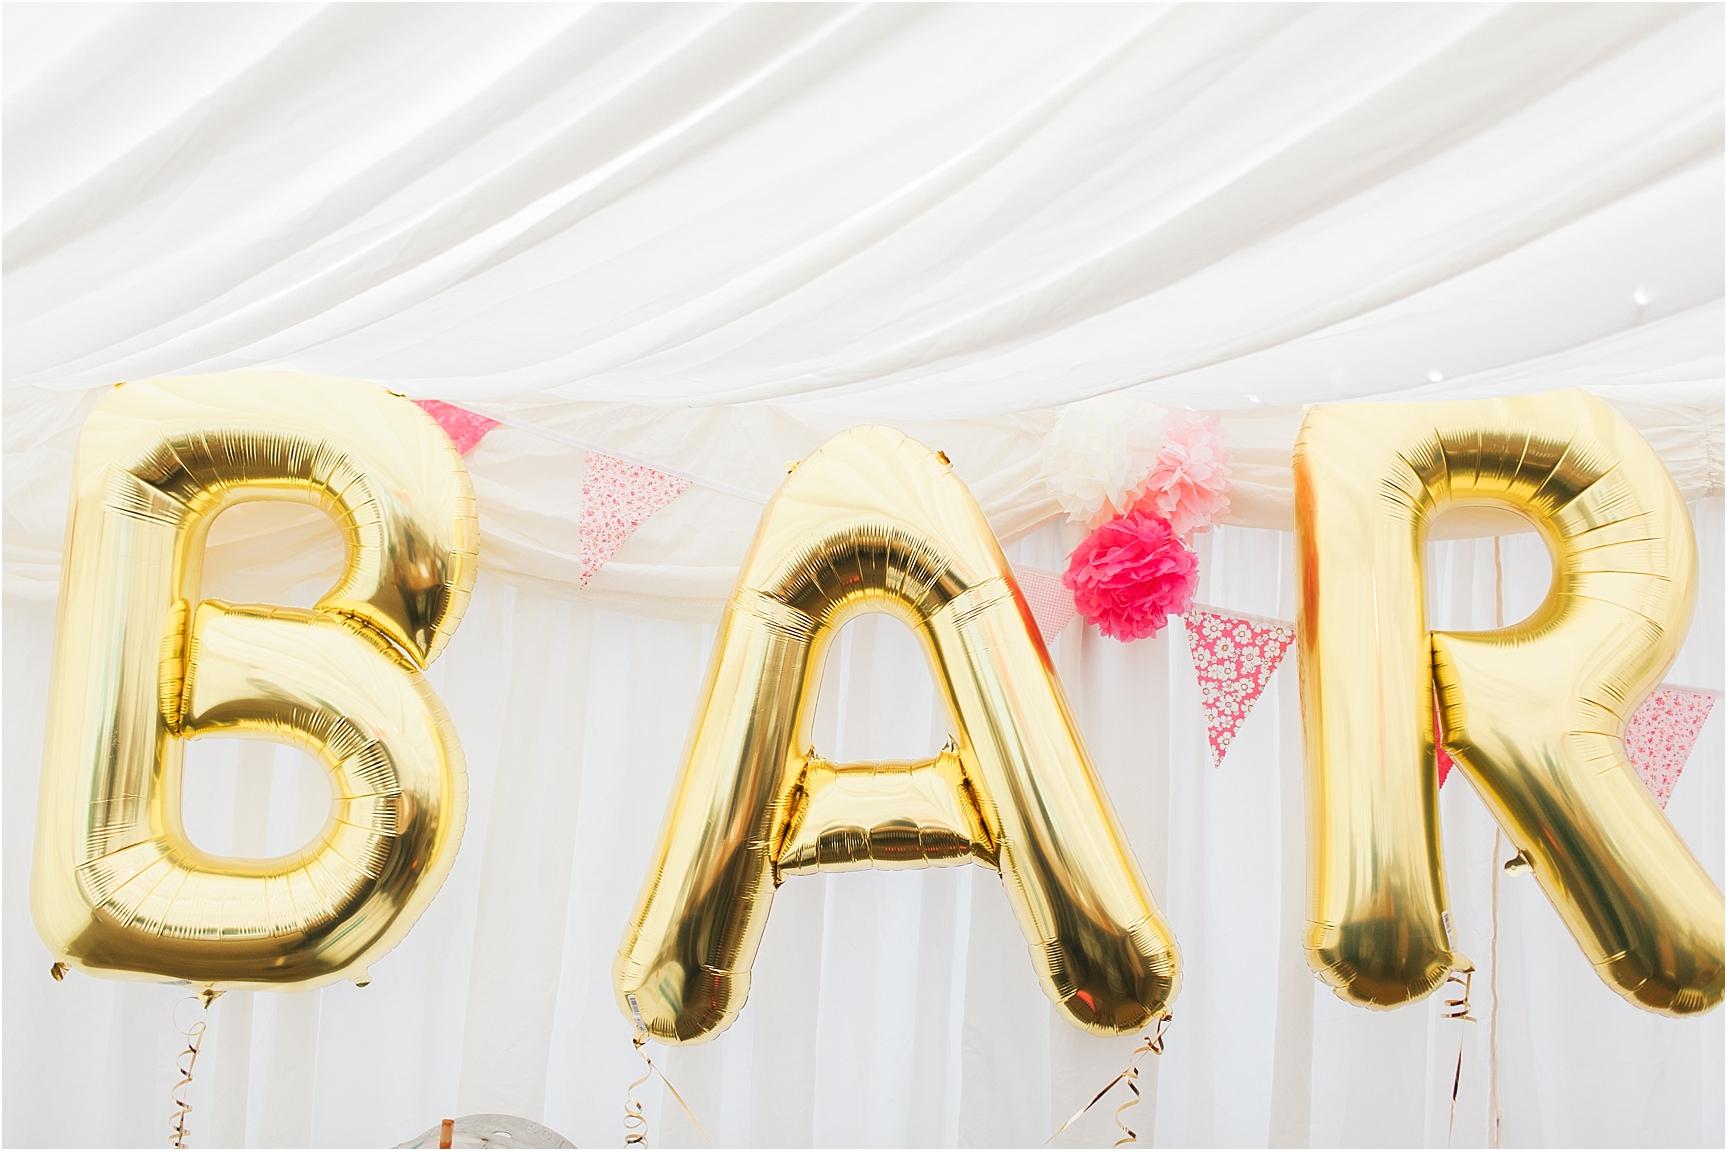 Bar Balloon Photo.jpg